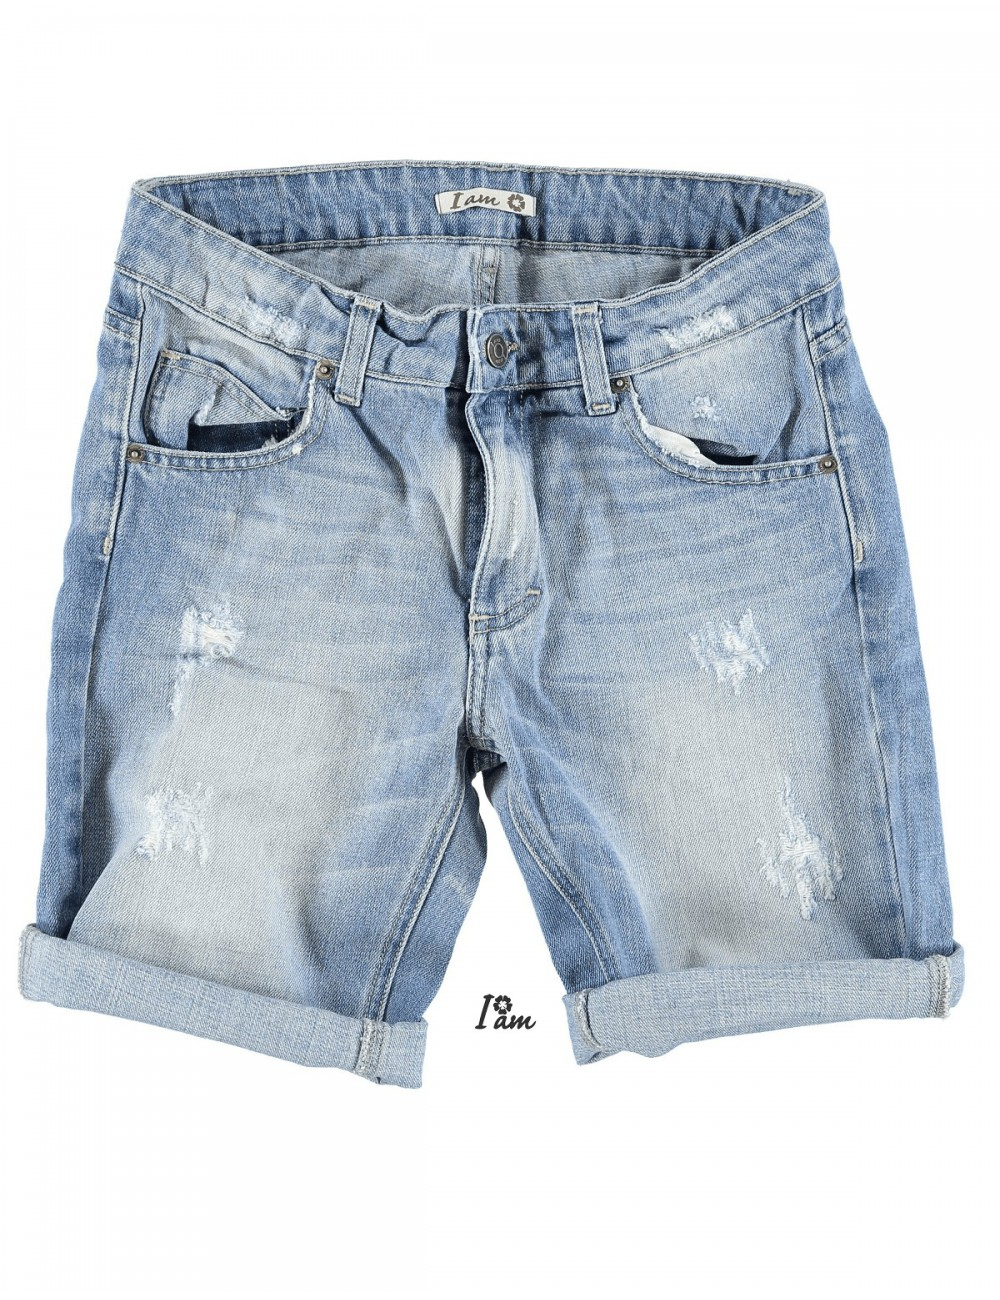 design innovativo 0cf7c 354c1 Bermuda donna jeans I Am pantaloncino corto in cotone denim